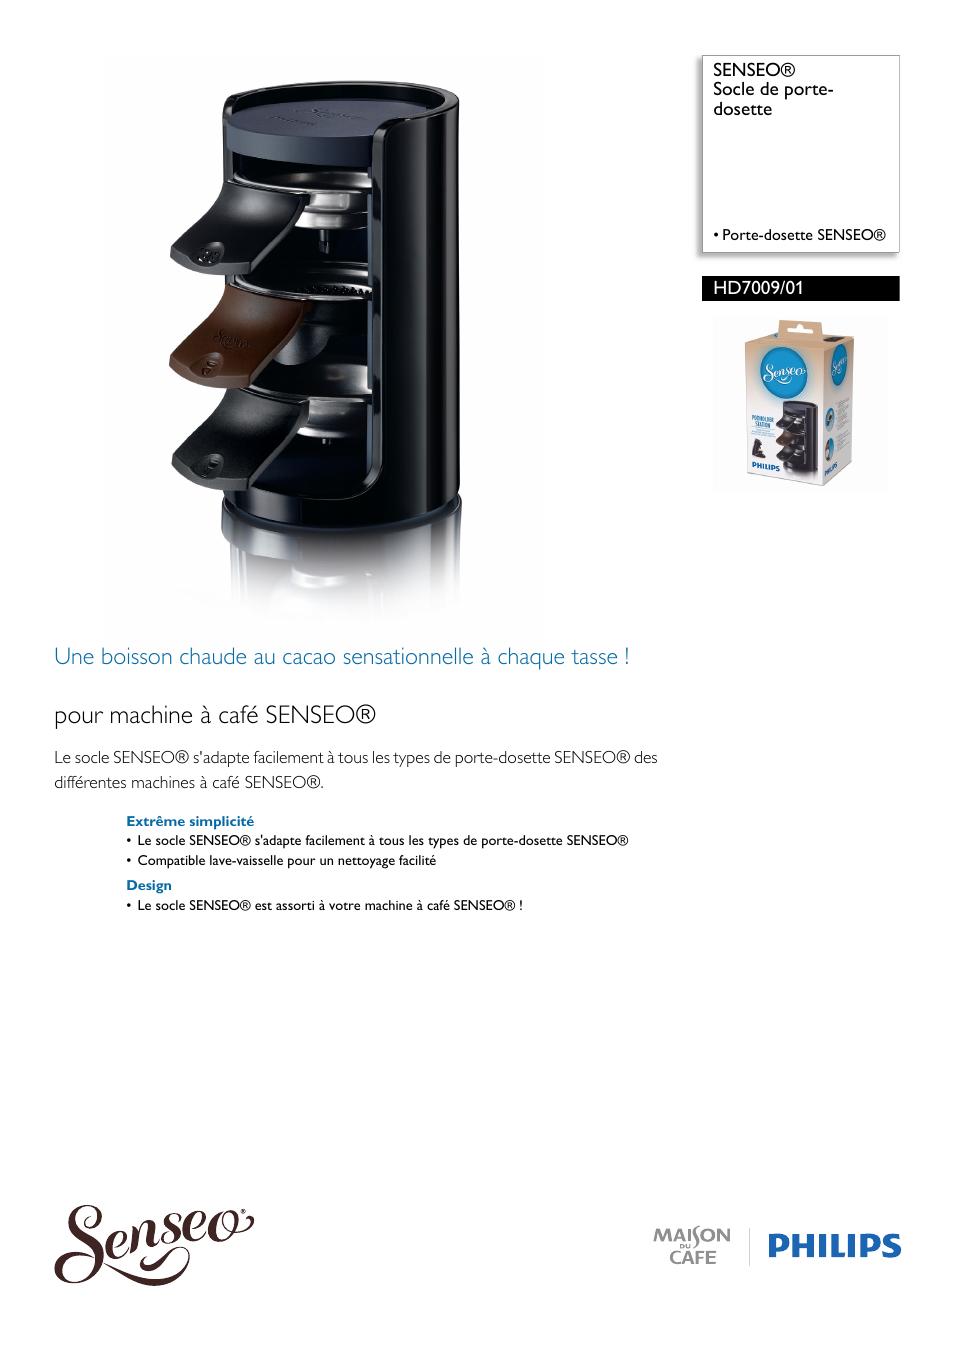 united states official photos limited guantity Philips SENSEO® Socle de porte-dosette Manuel d'utilisation ...